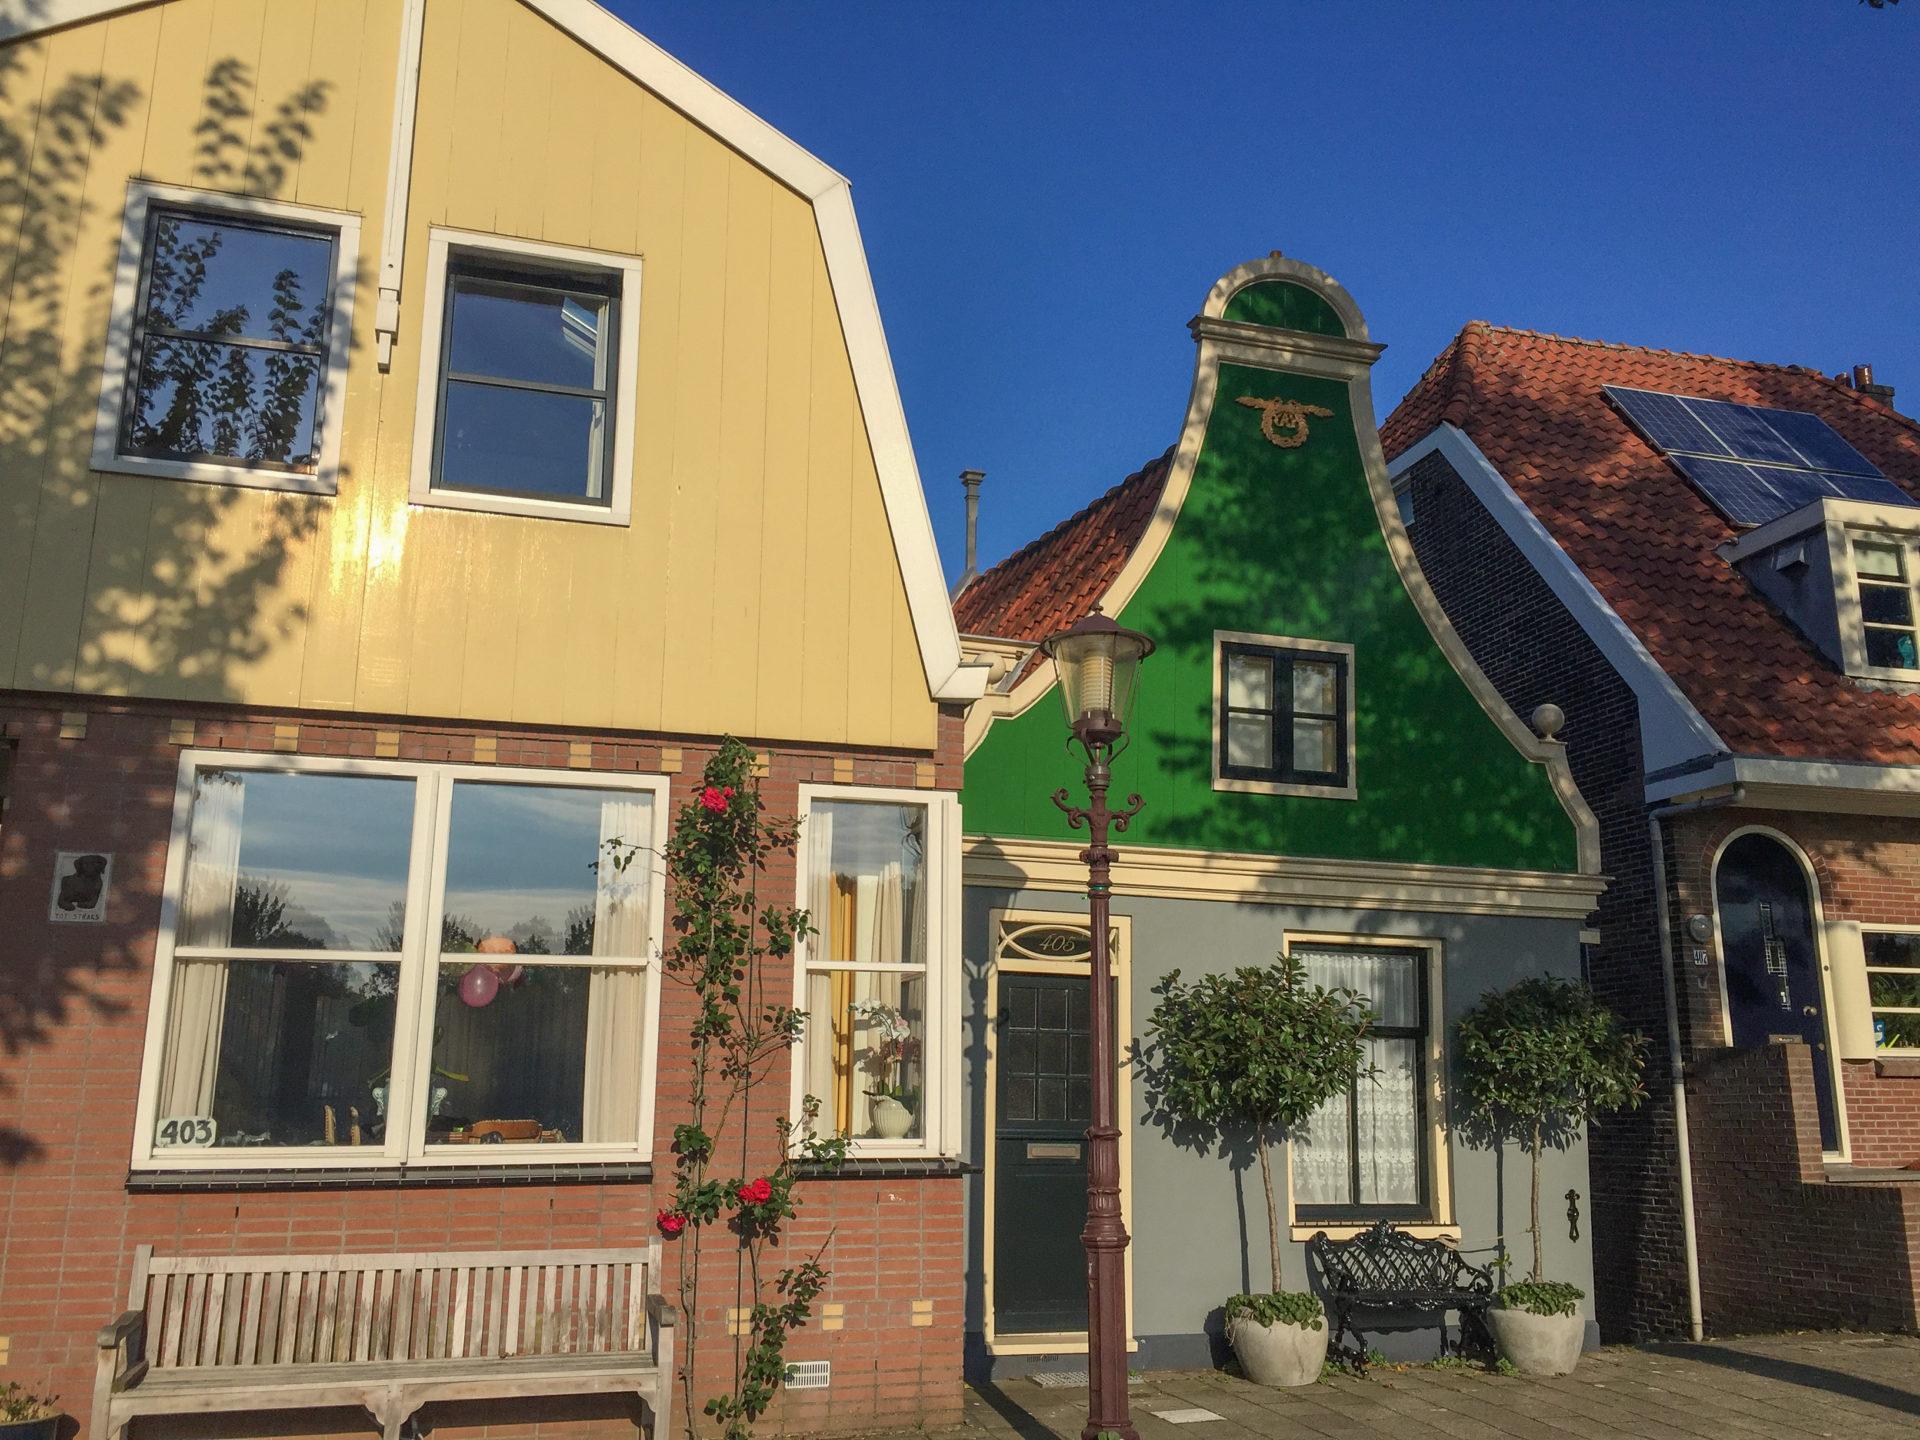 Alte Häuser mit Holzverkleidungen in Schellingwoude im Norden von Amsterdam